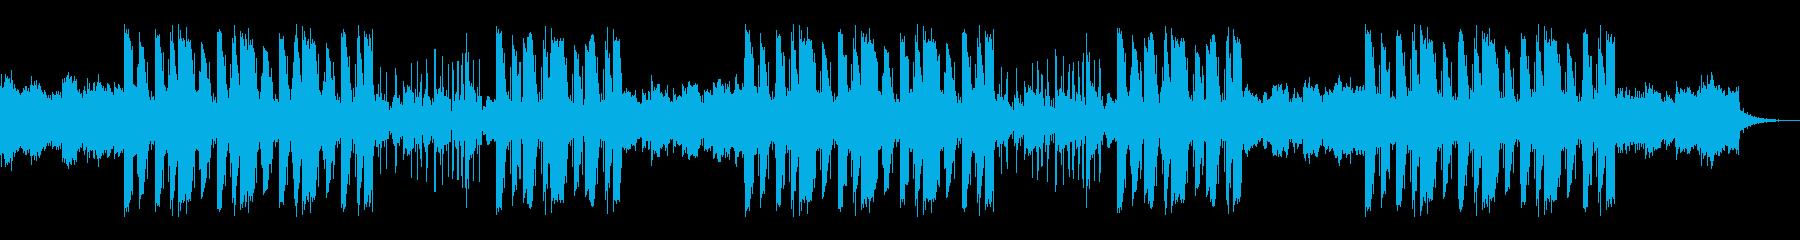 ギターのアルペジオが印象的なトラップの再生済みの波形